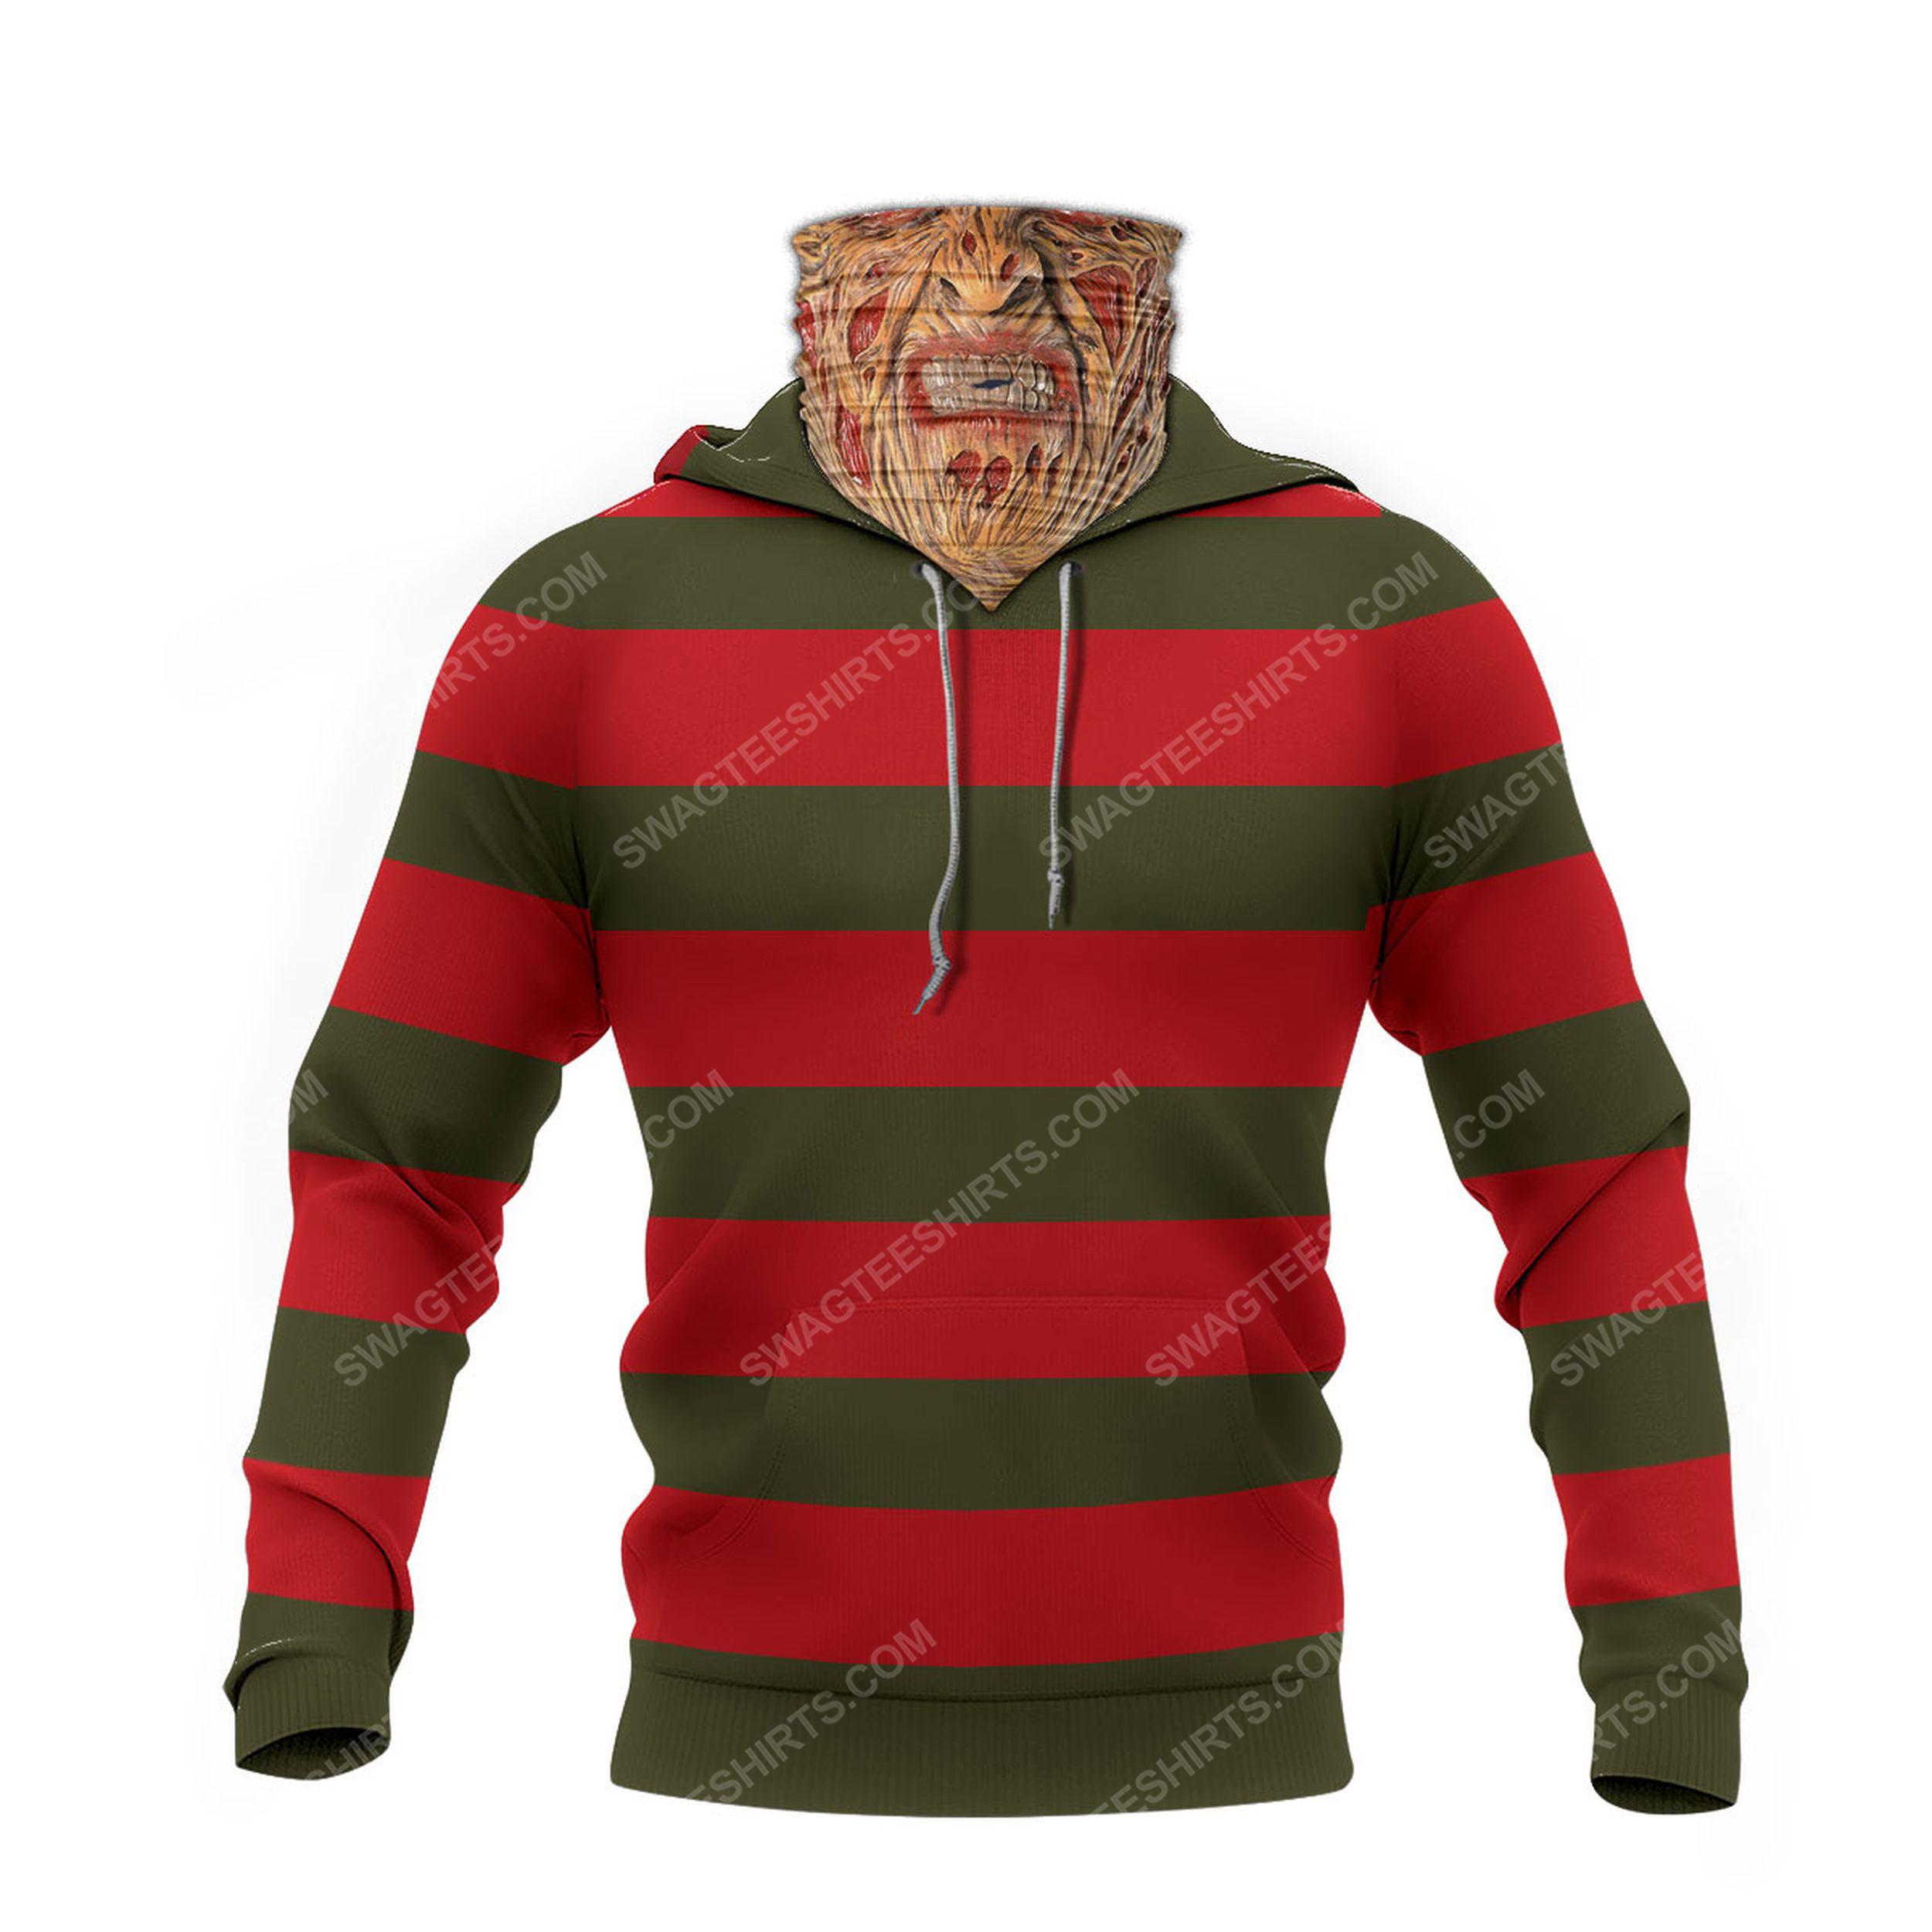 Freddy krueger a nightmare on elm street full print mask hoodie 2(1) - Copy